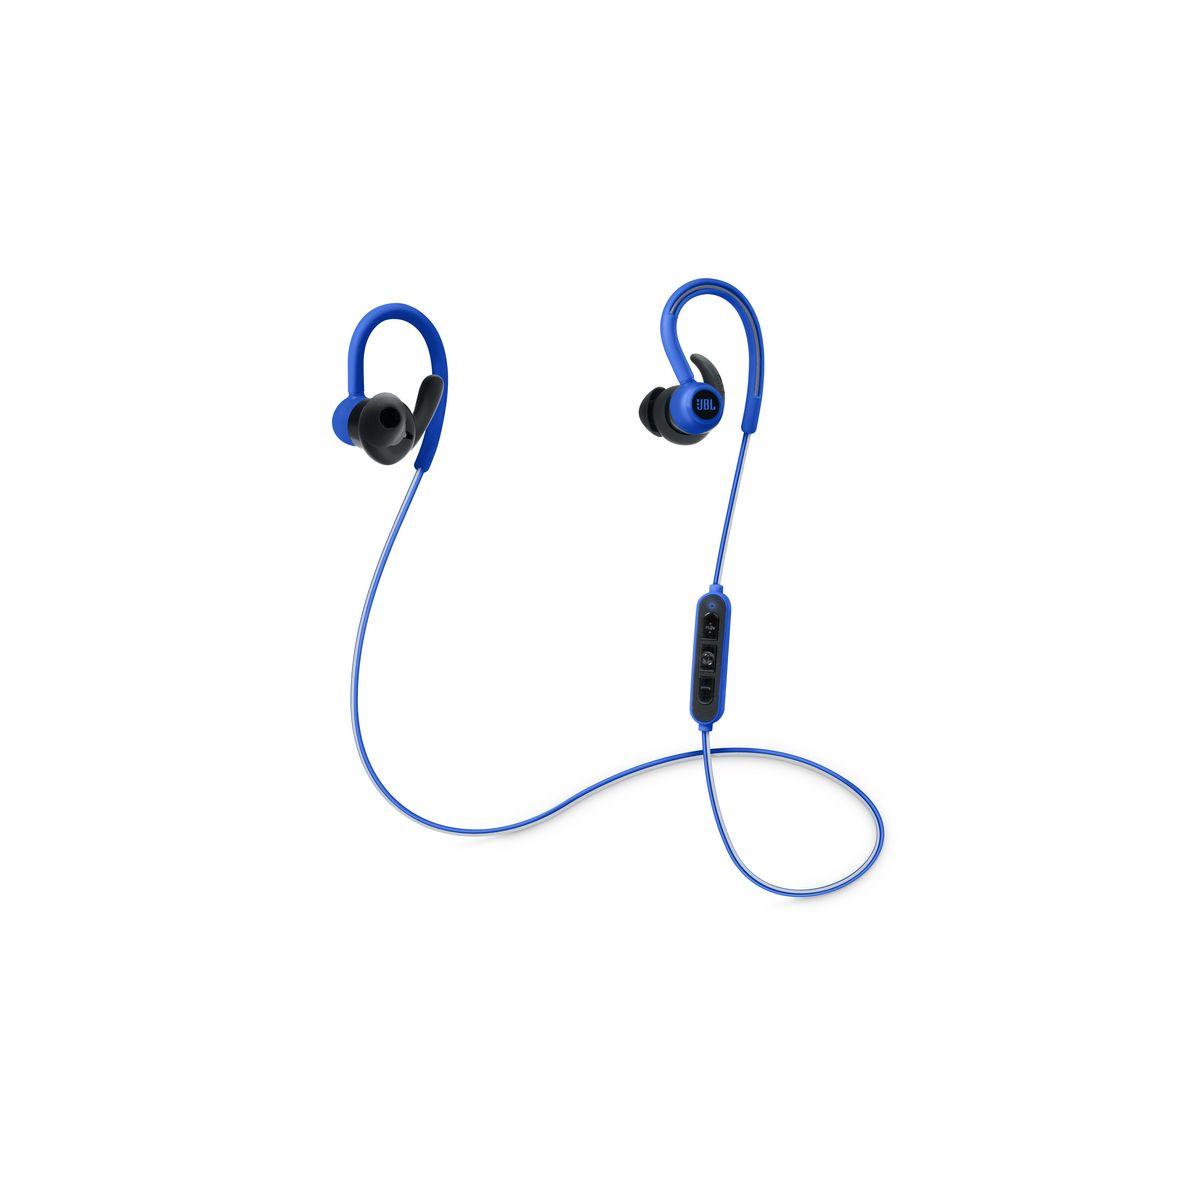 Ecouteurs - Bleu - Reflect contour